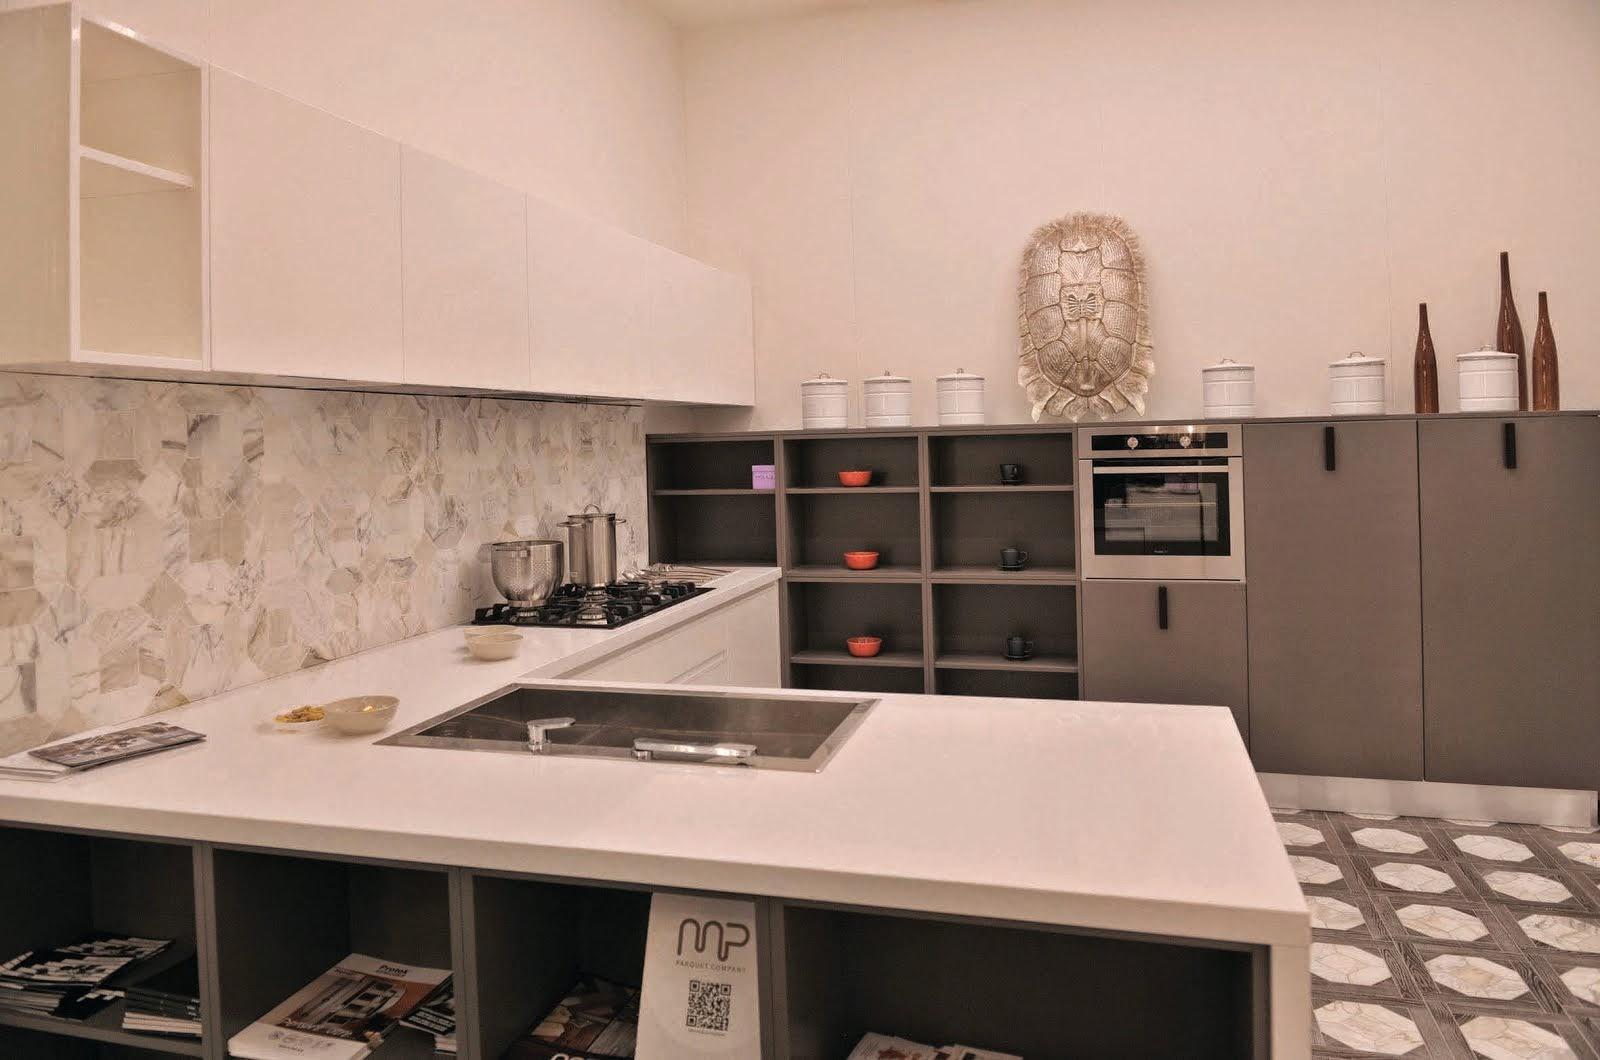 Arredo e design arcadia by marco poletti vip home for Poletti arredamenti